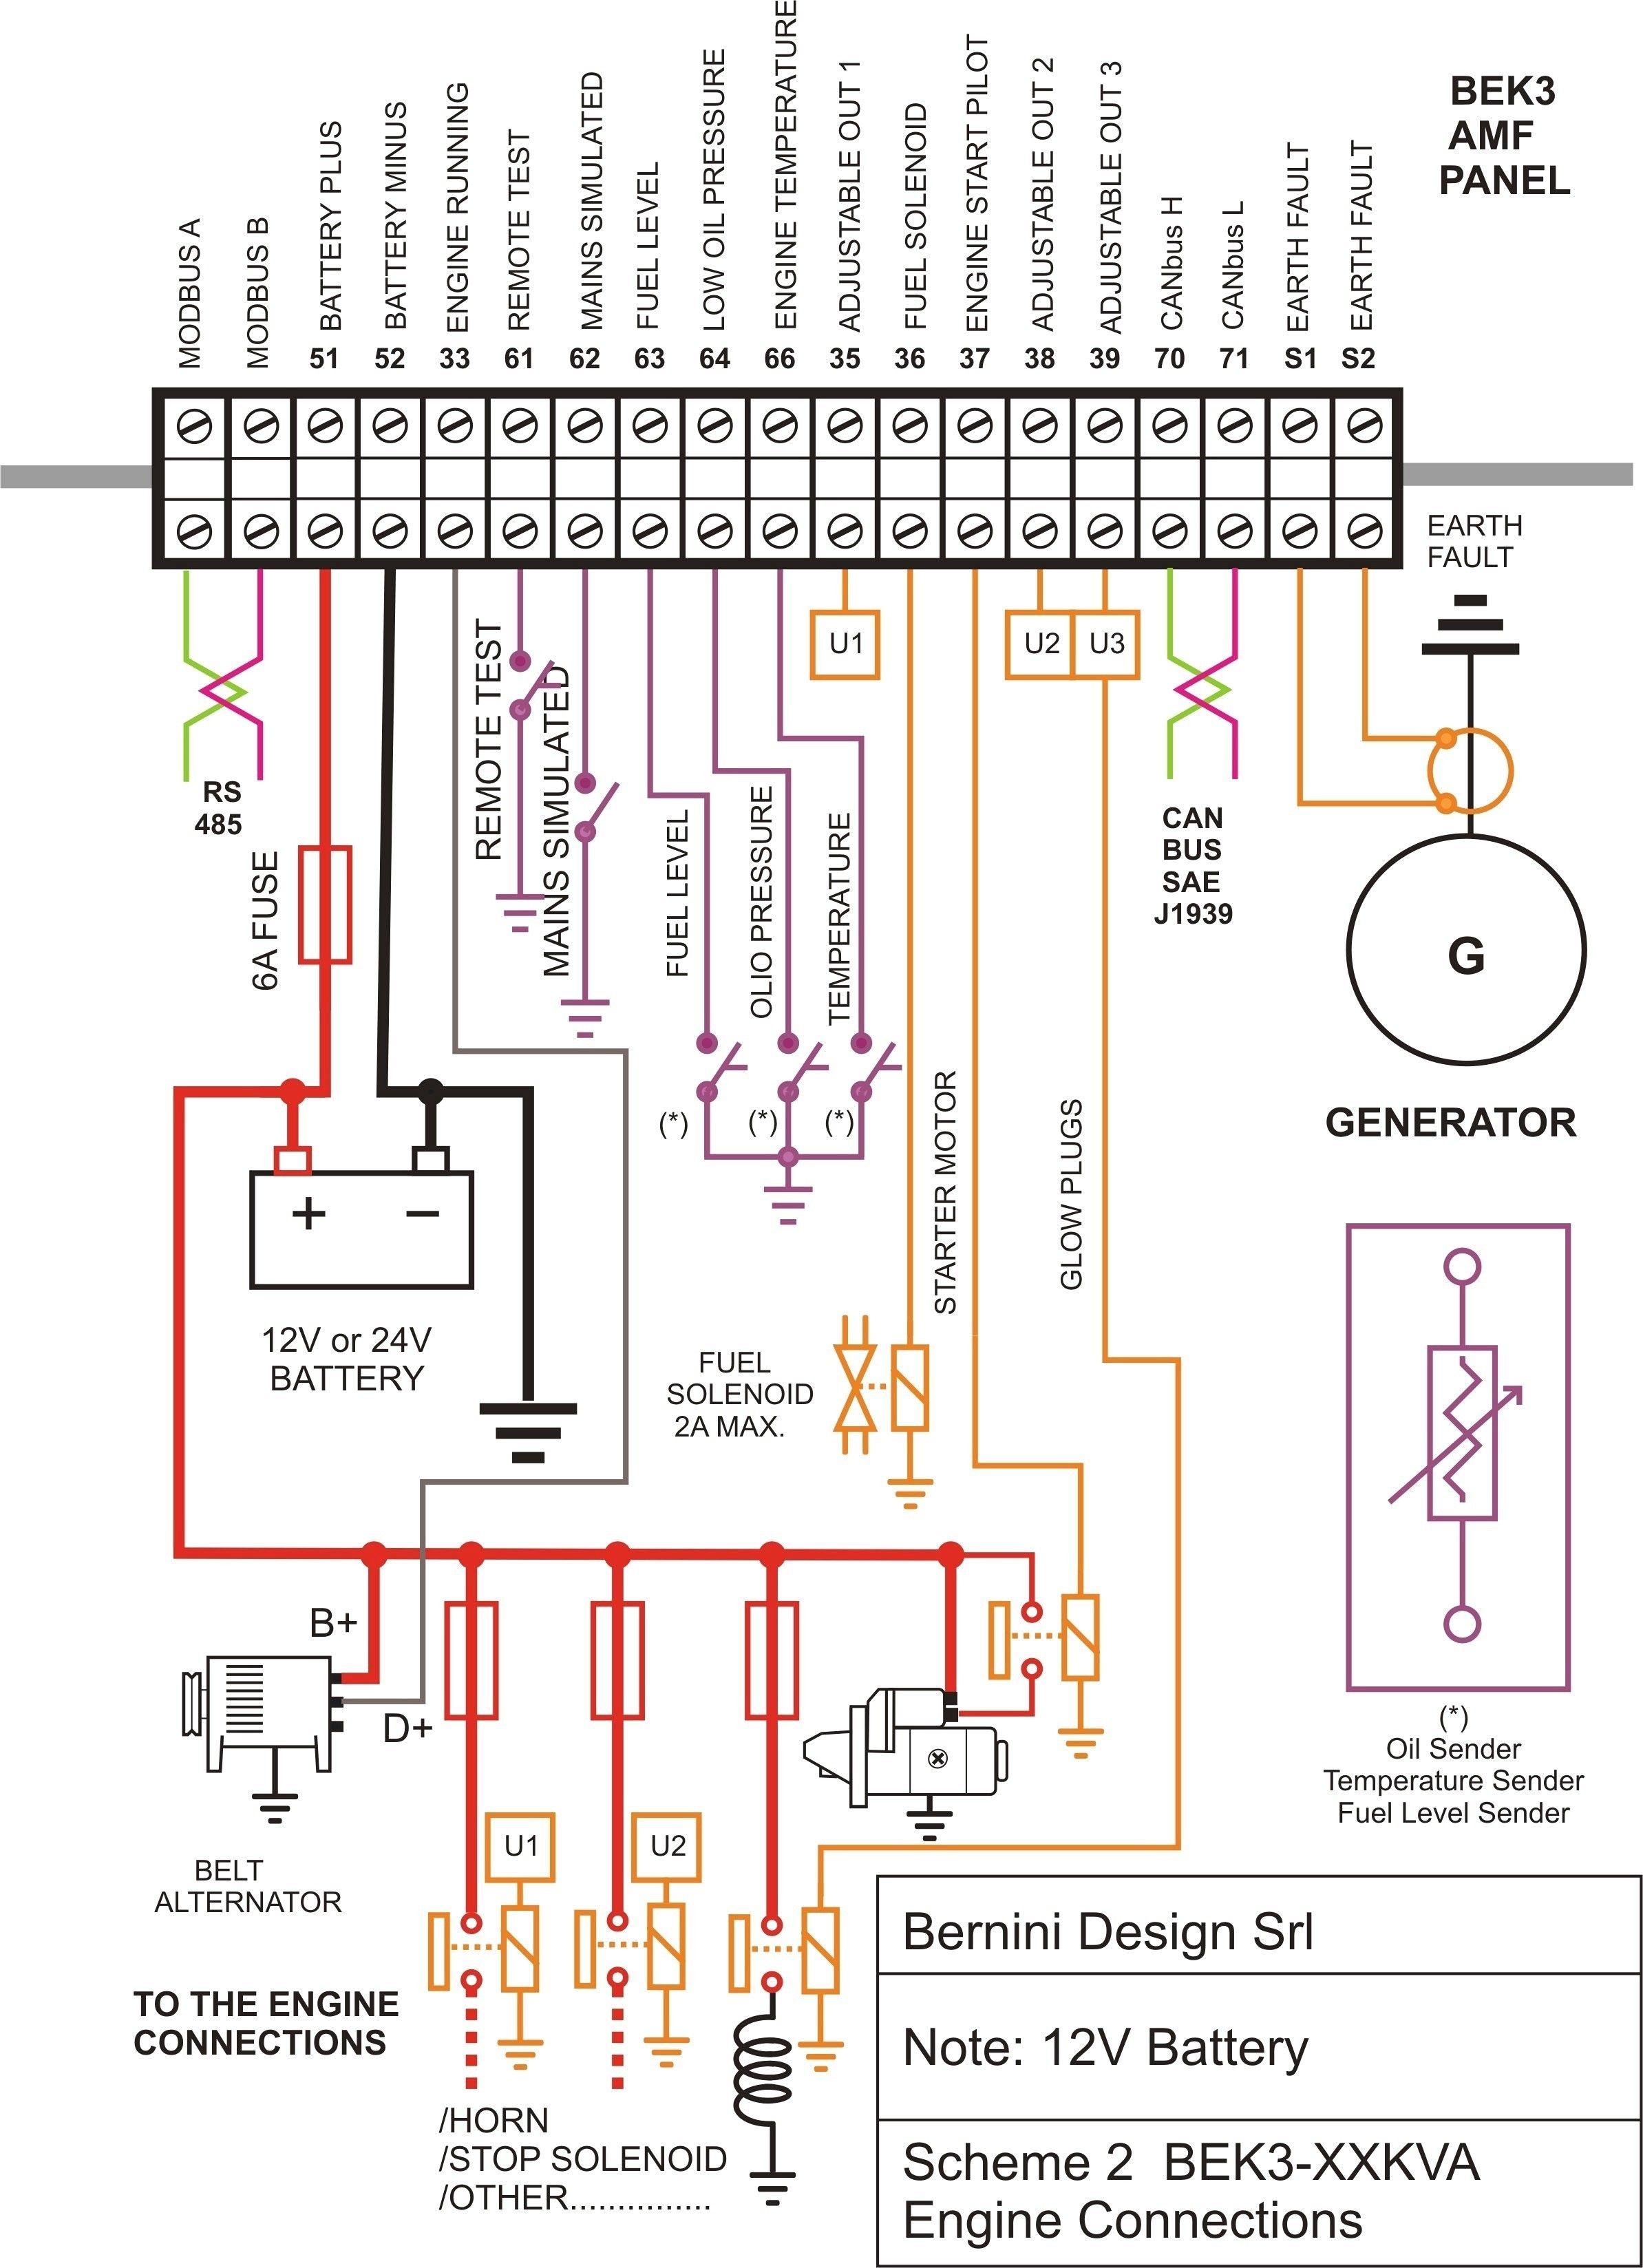 Inspirational Wiring Diagram Sample For Mac Diagrams Digramssample Diagramimages Wirin Electrical Circuit Diagram Electrical Wiring Diagram Circuit Diagram